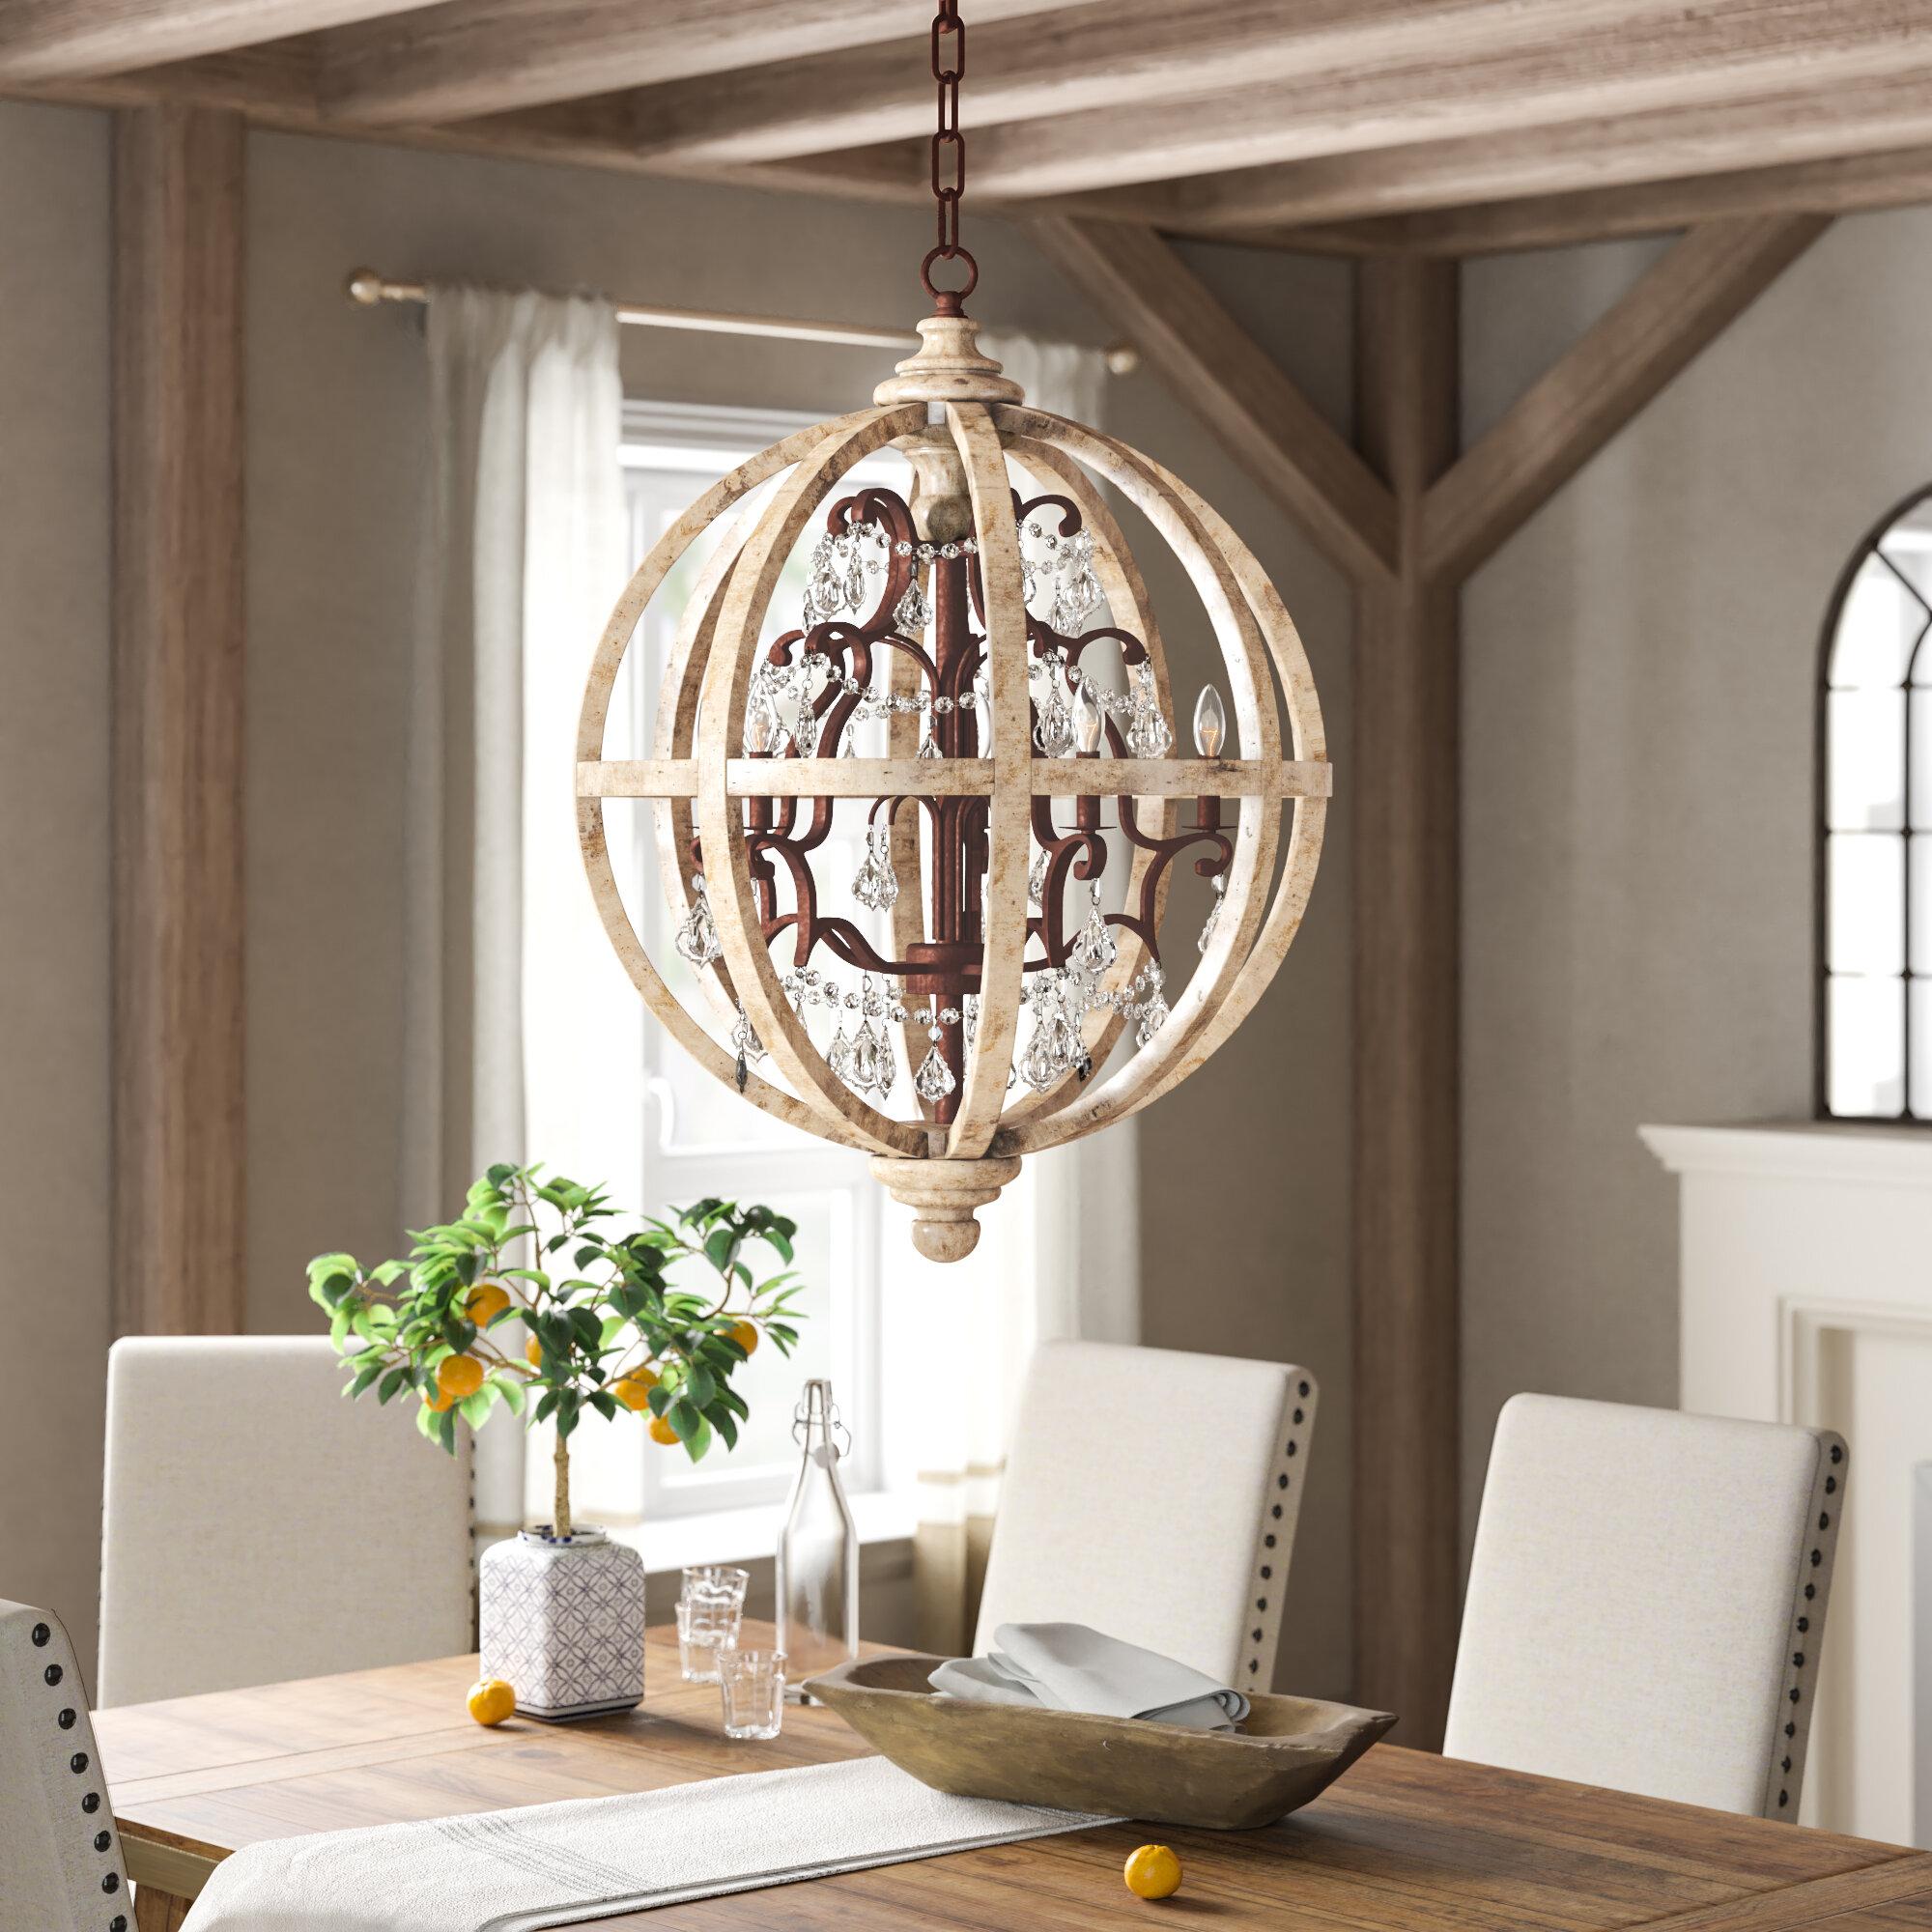 Weymouth 5 Light Globe Chandelier